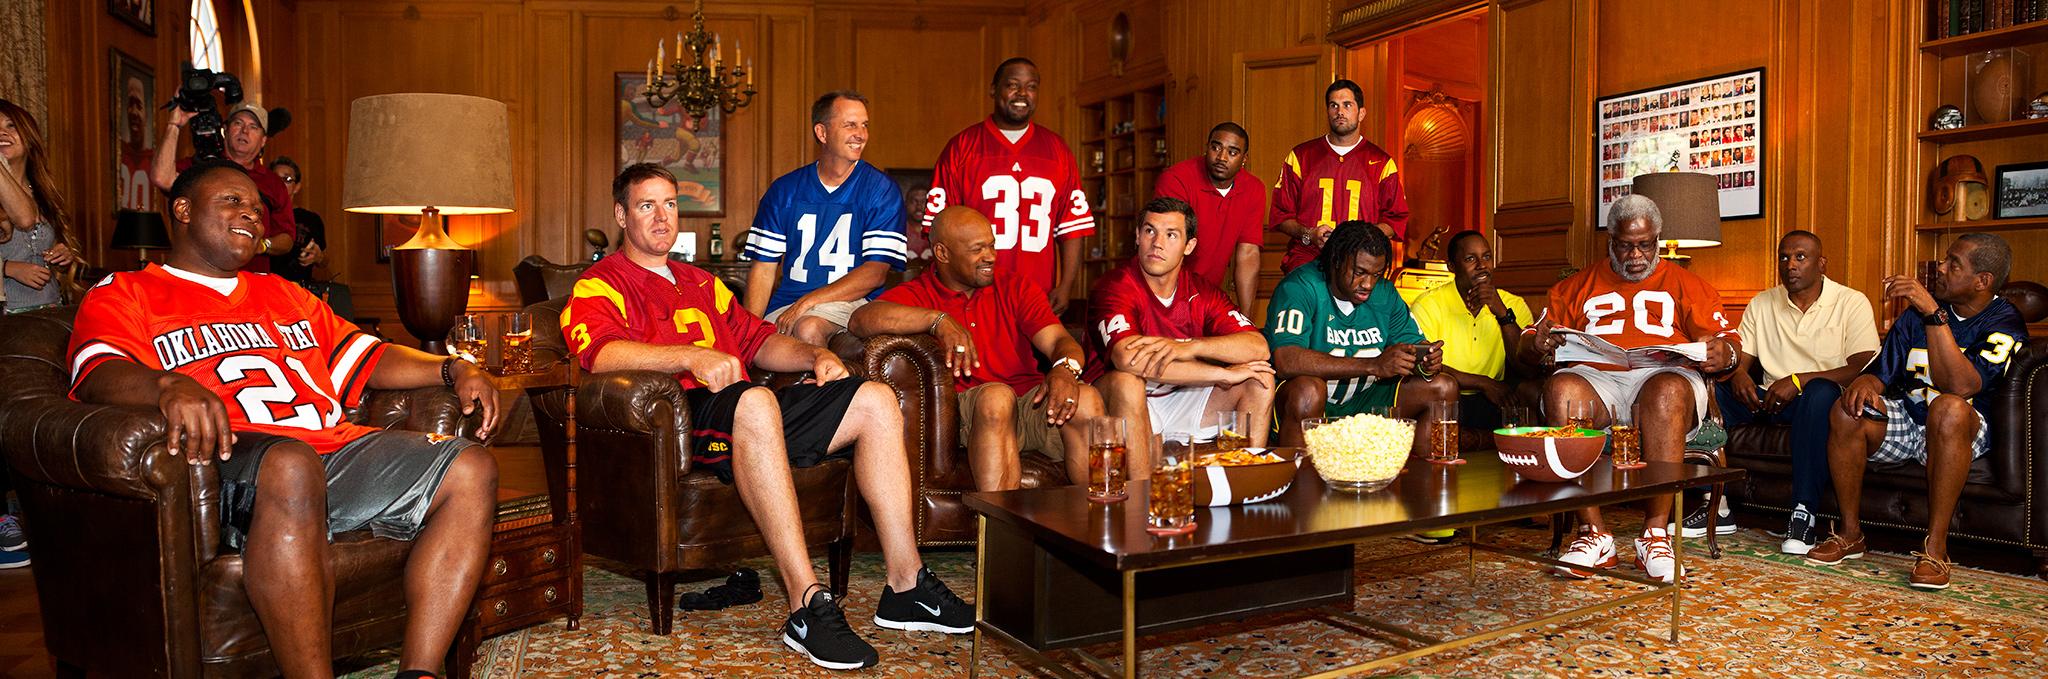 Mike Smith Nissan >> Full House - Heisman House - ESPN